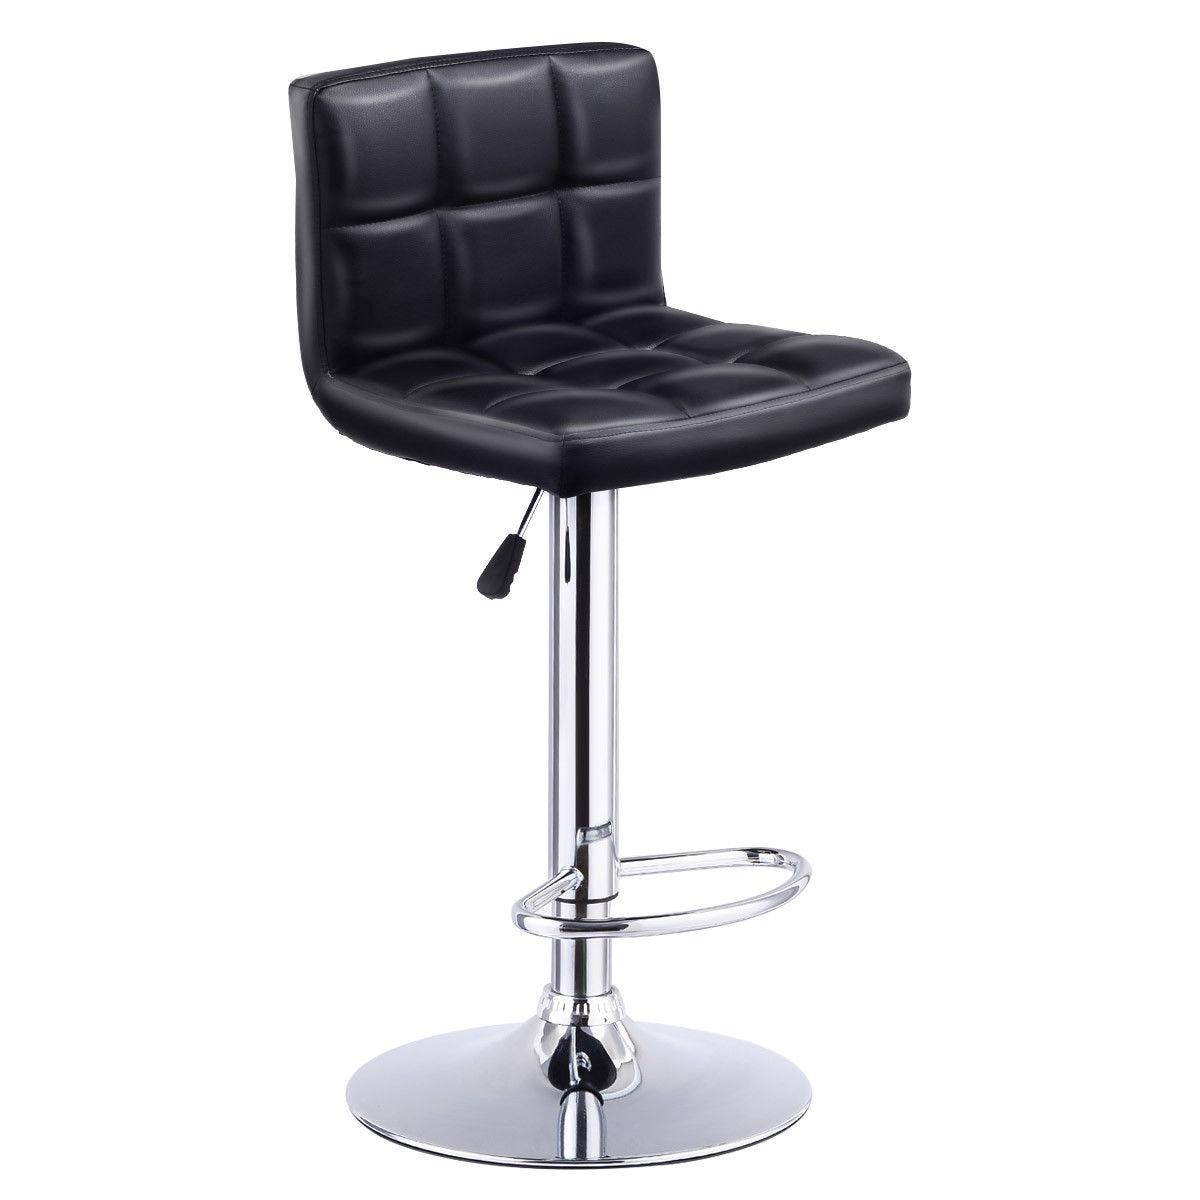 Регулируемая Мебель для бара Giantex, стул для бистро, паба, современная мебель для гостиной, барная мебель HW53843BK